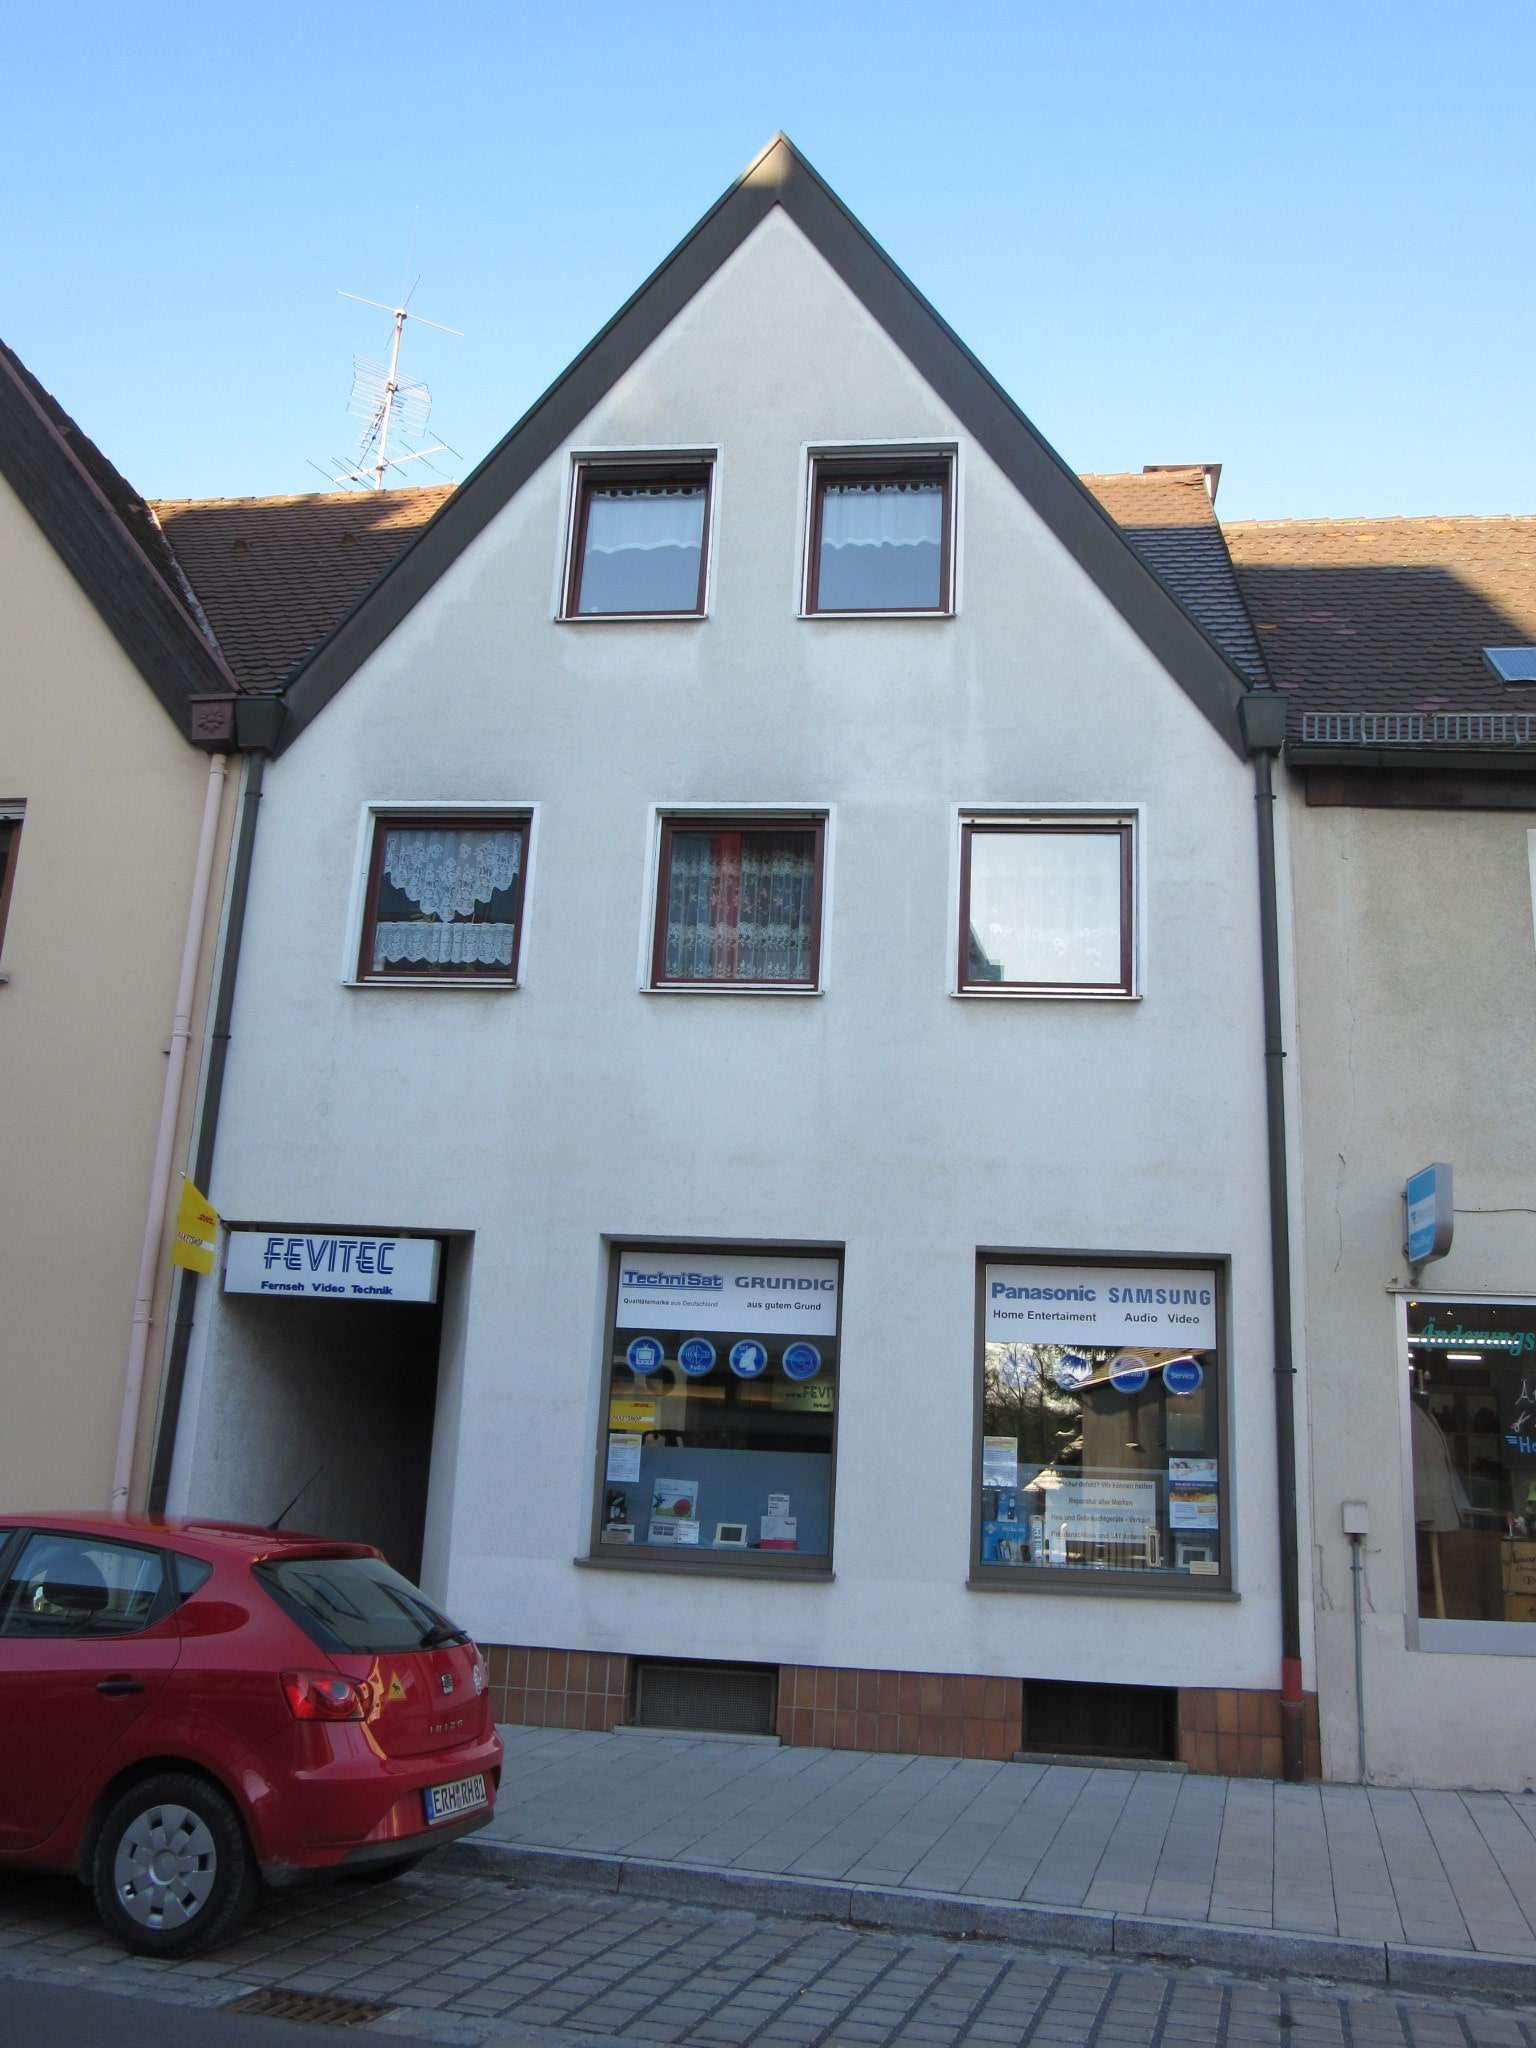 Gepflegte 2 - Zimmer Wohnung mit Balkon in Herzogenaurach in zentraler Lage. Vermietung an 1 Person in Herzogenaurach